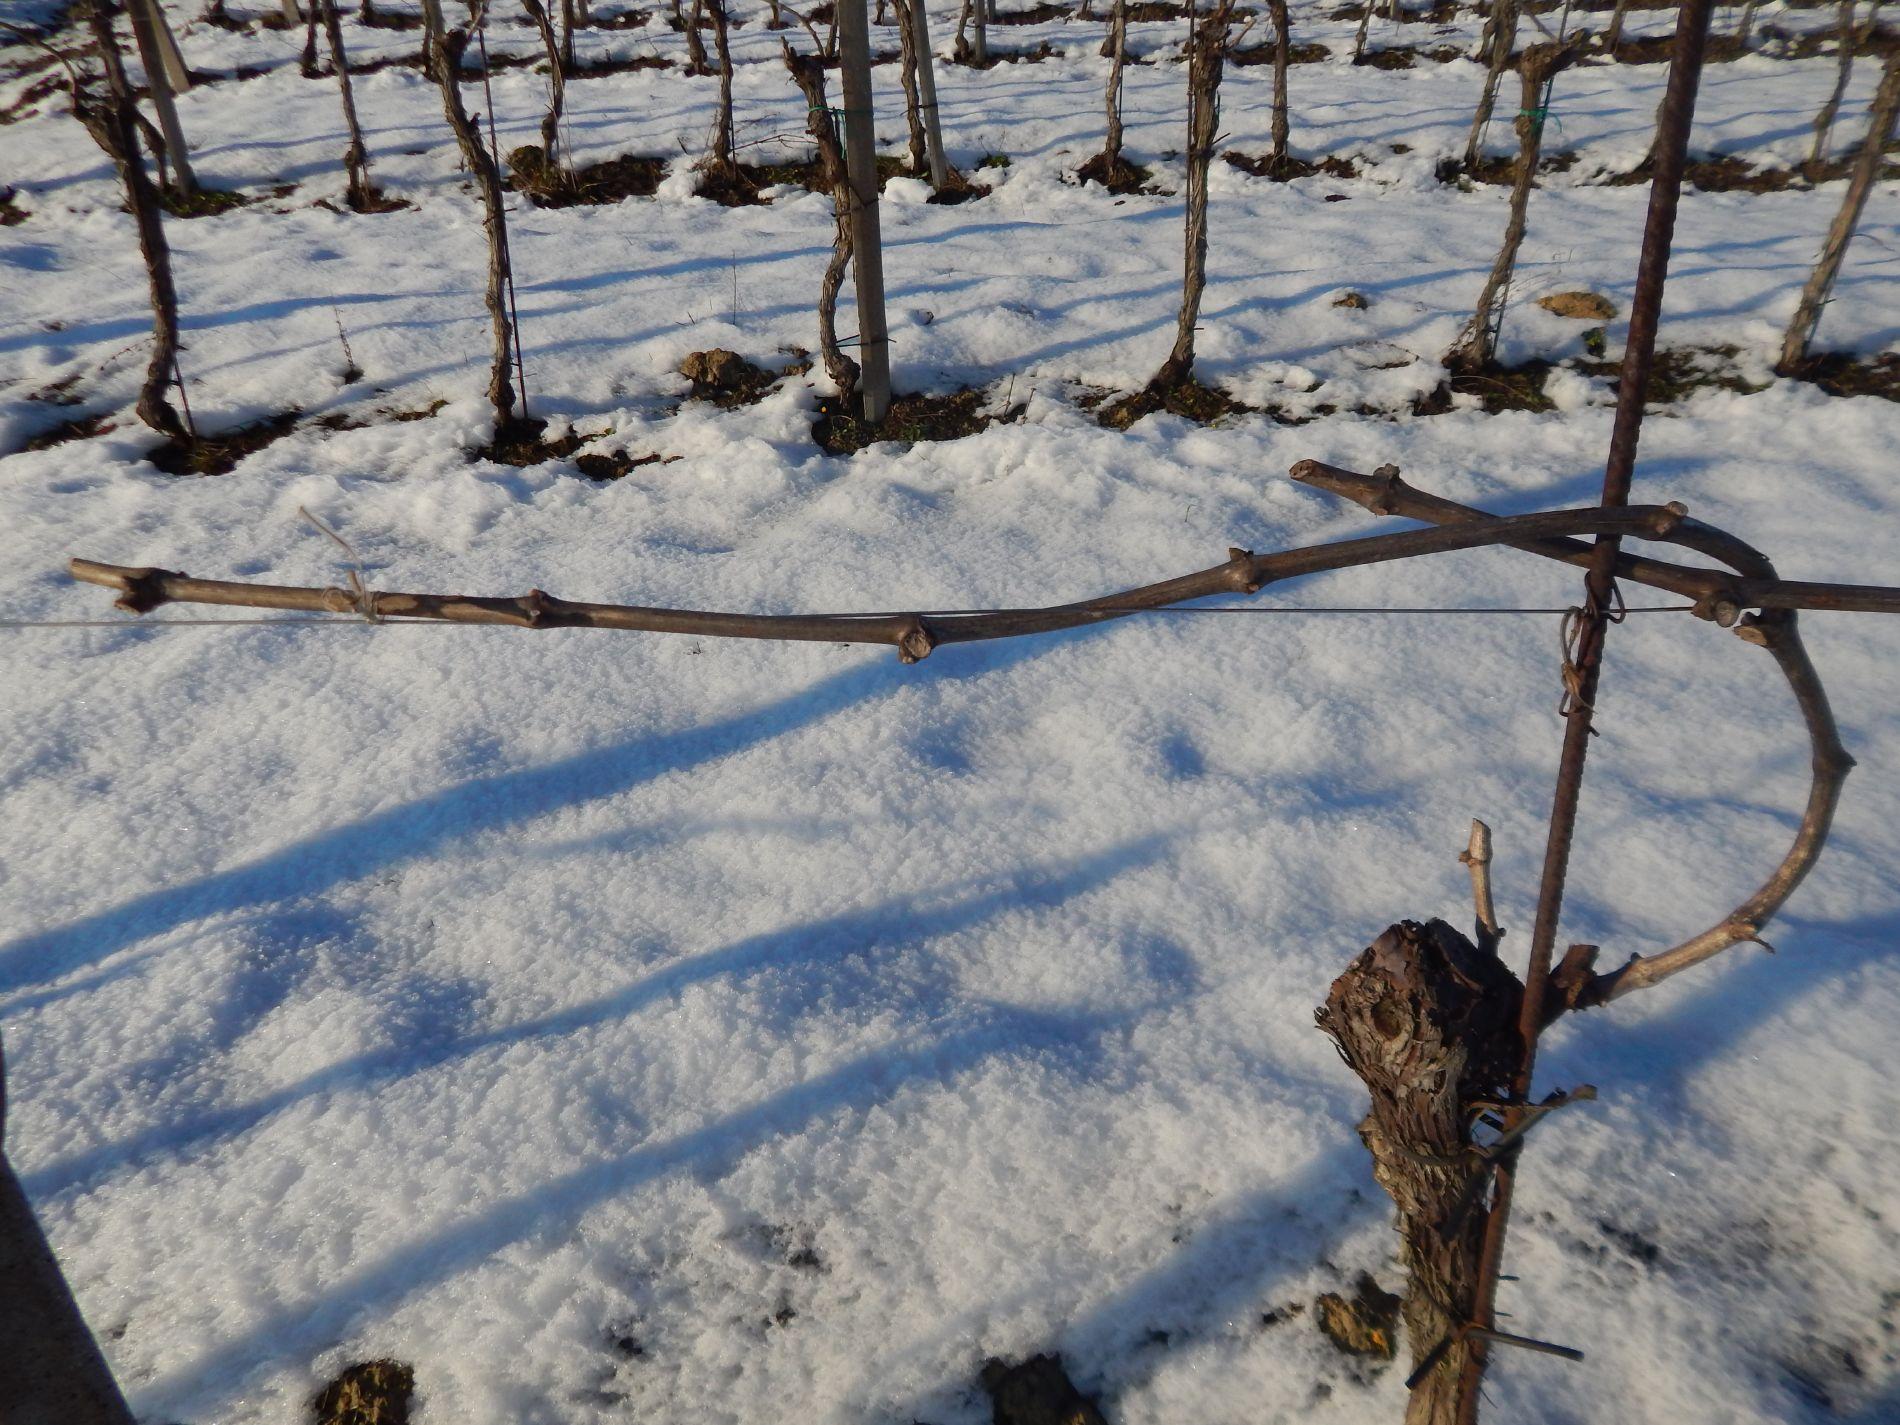 Macario Vini - scorcio invernale